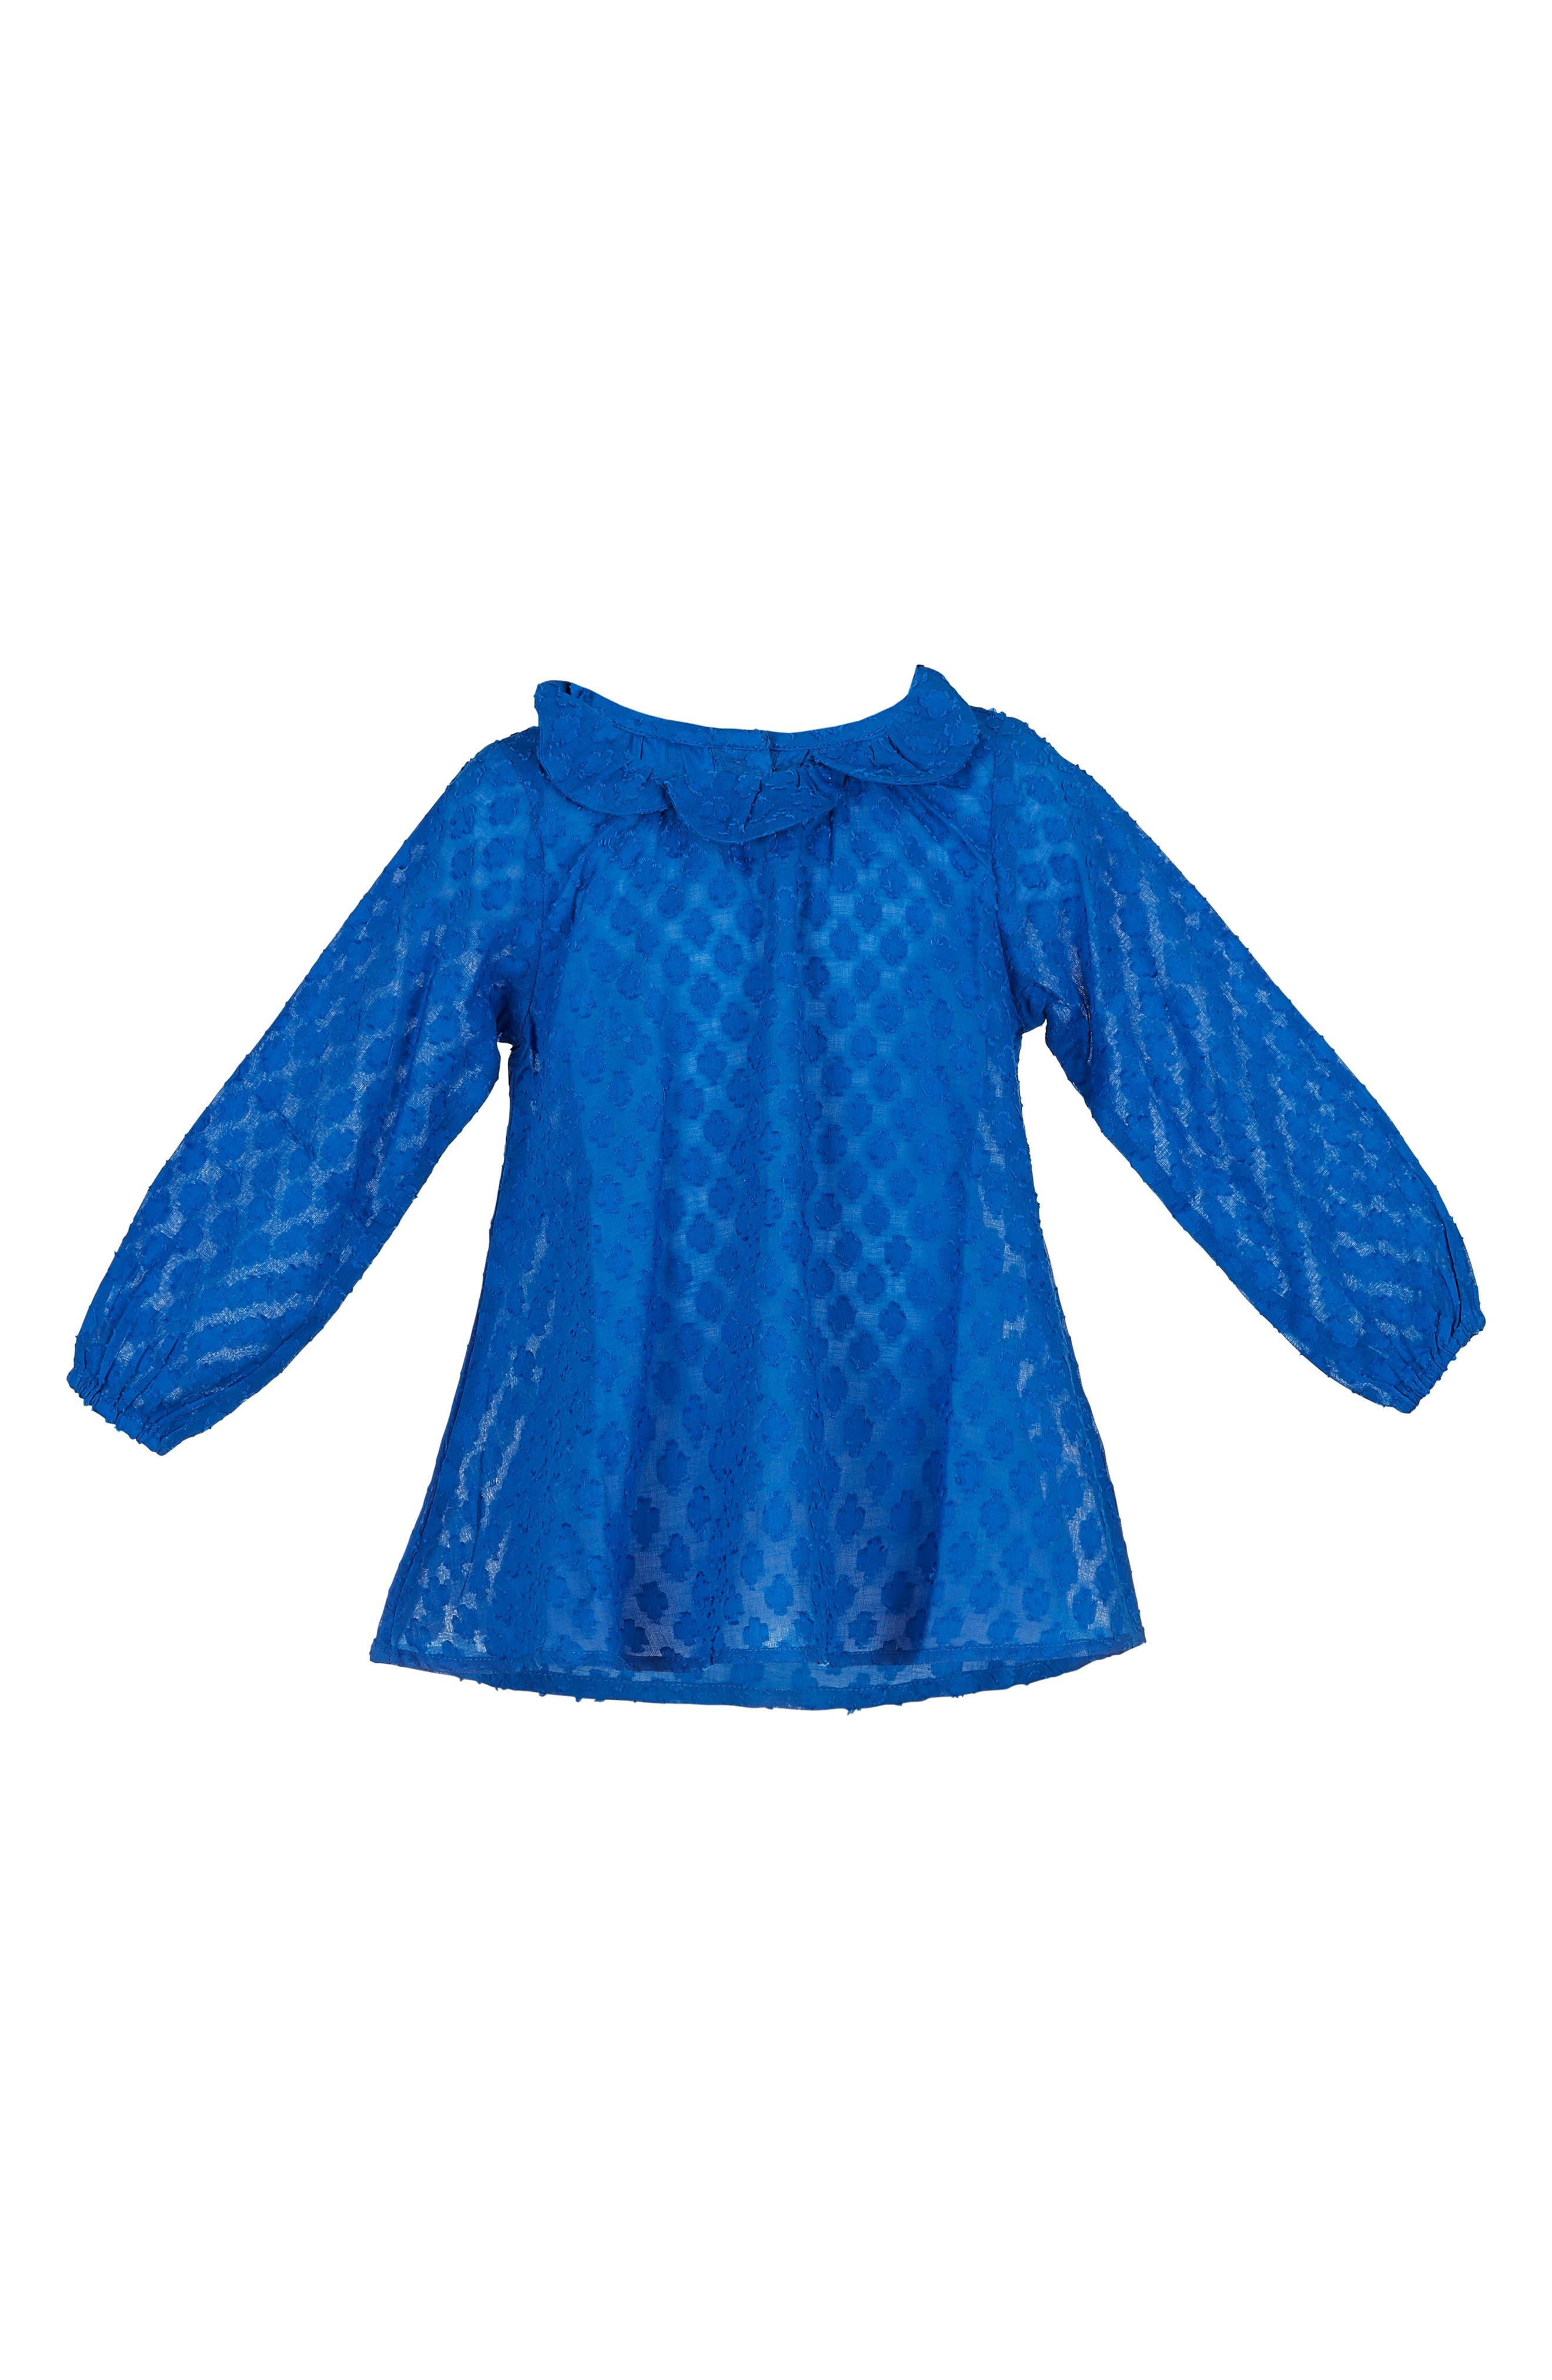 Daisy Petal Collar Dobby Top,                             Main thumbnail 1, color,                             Blue